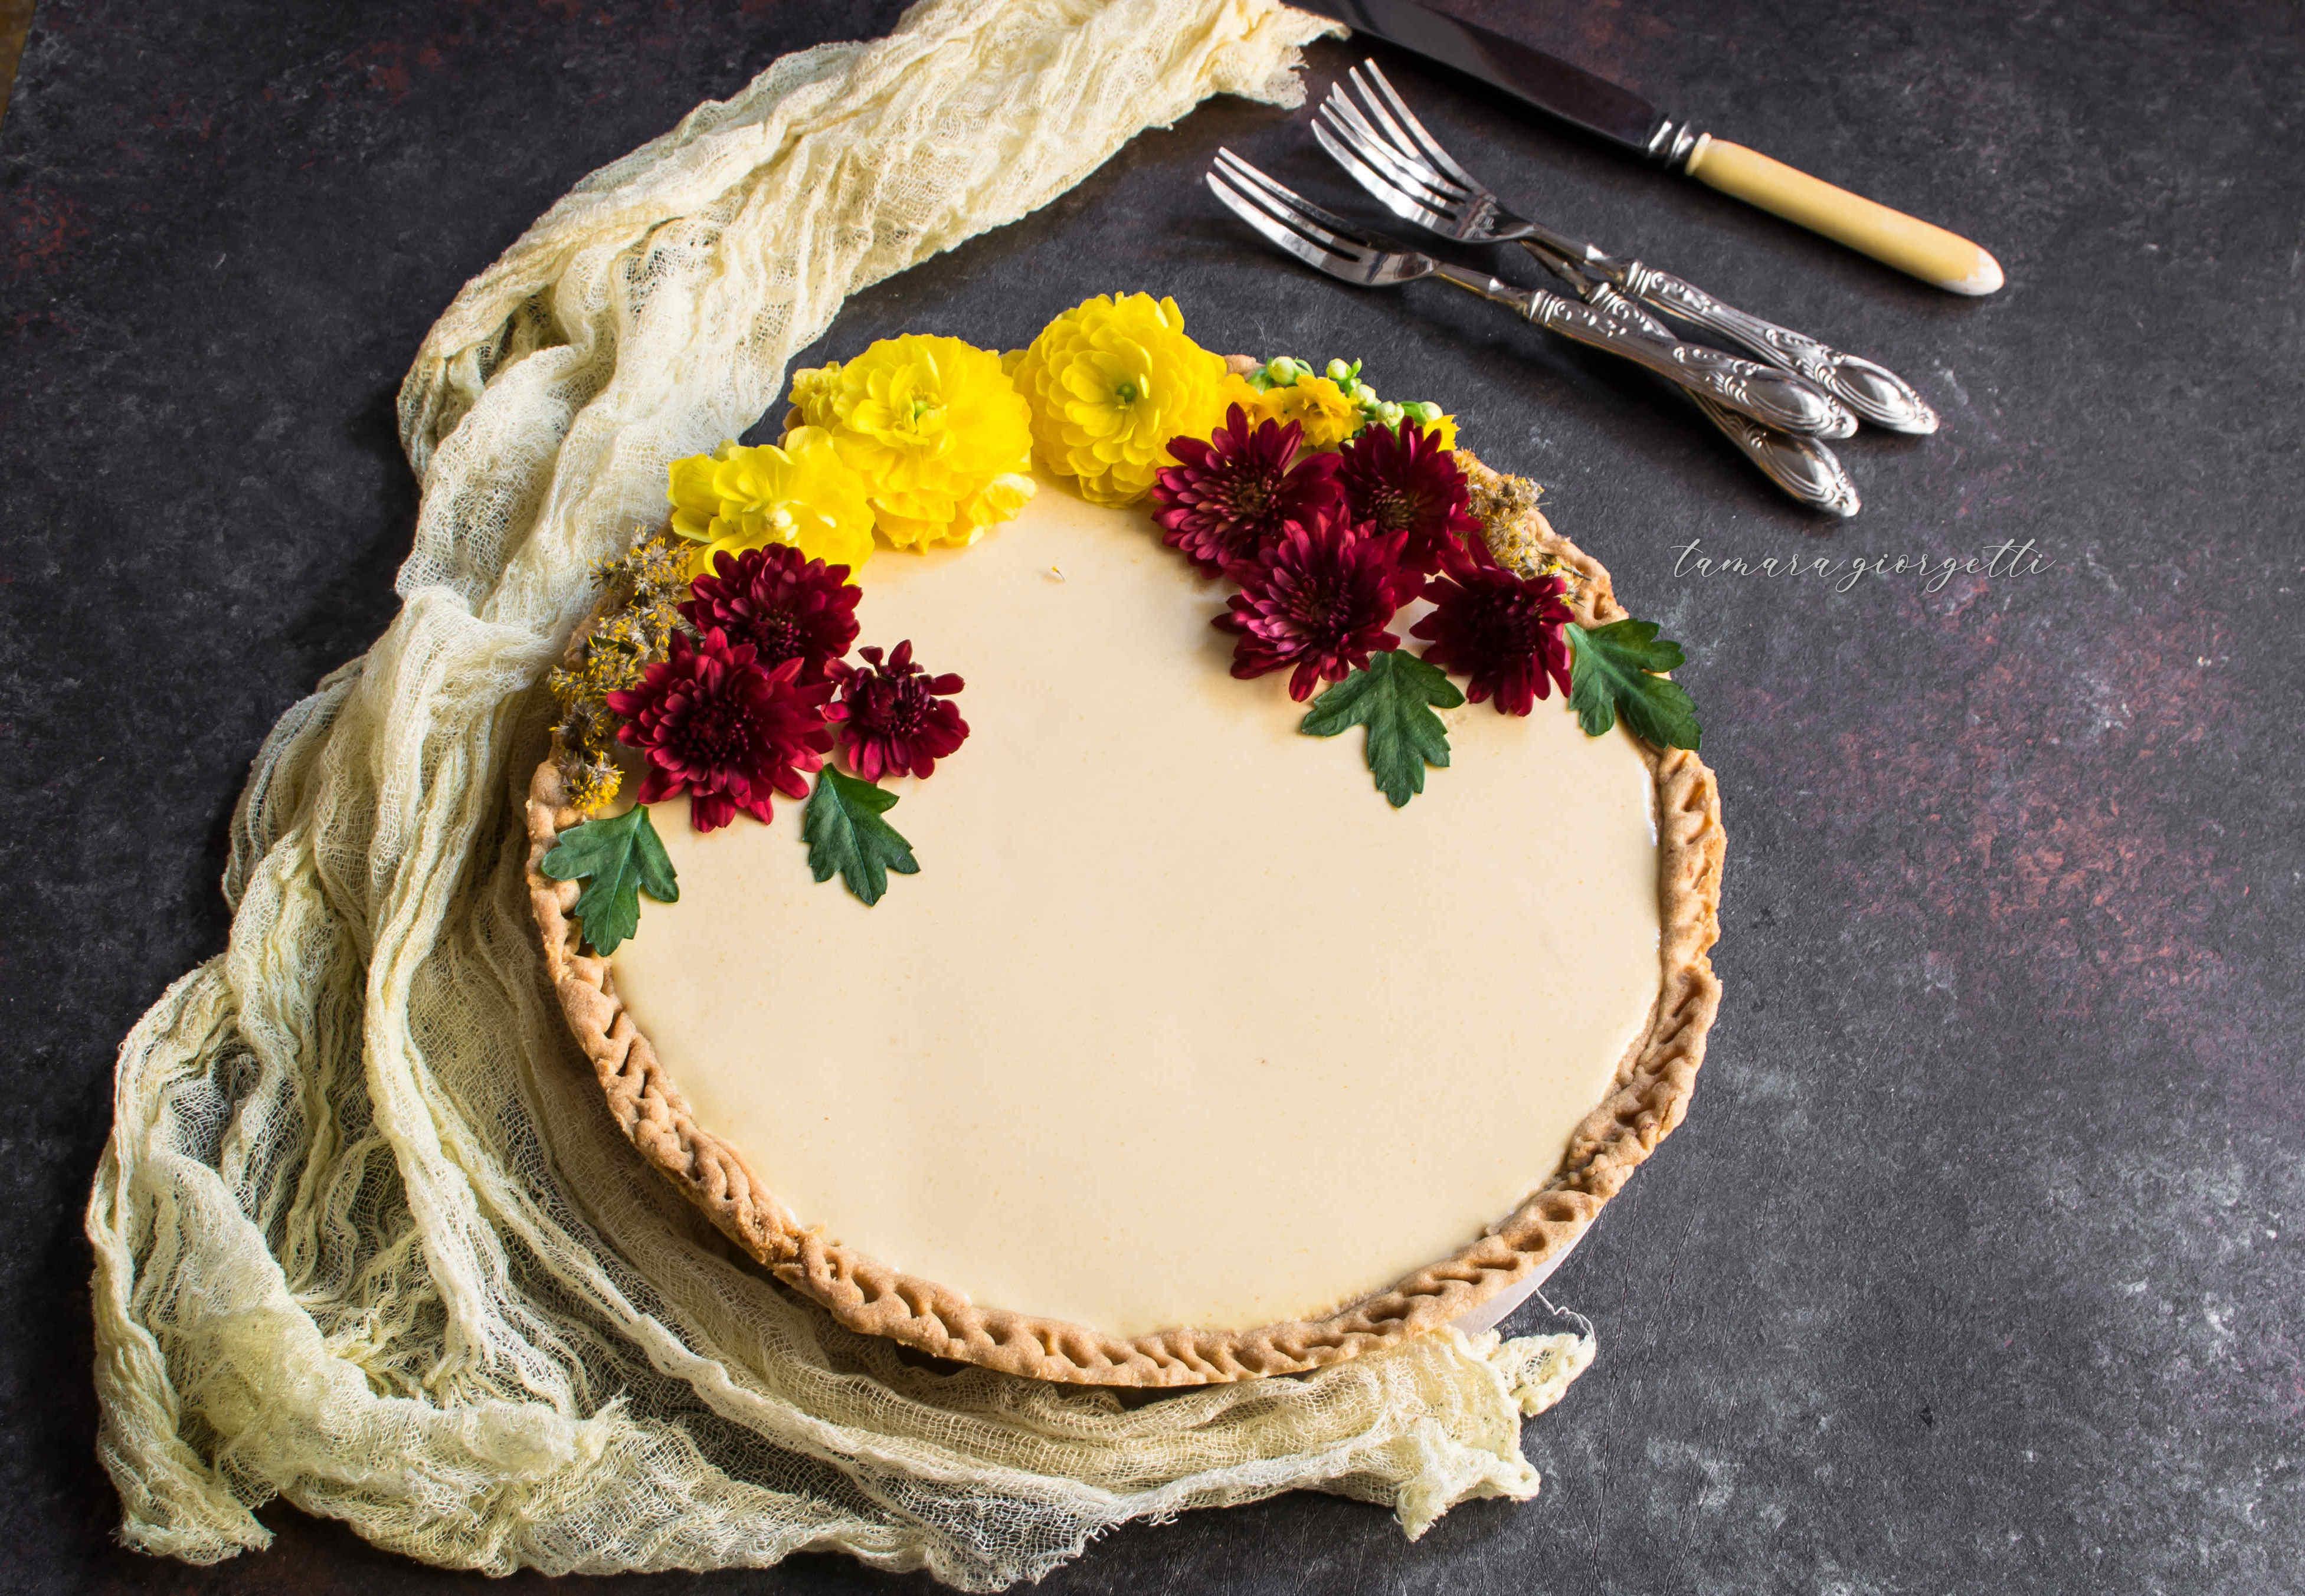 Crostata Con Panna Cotta Al Mango